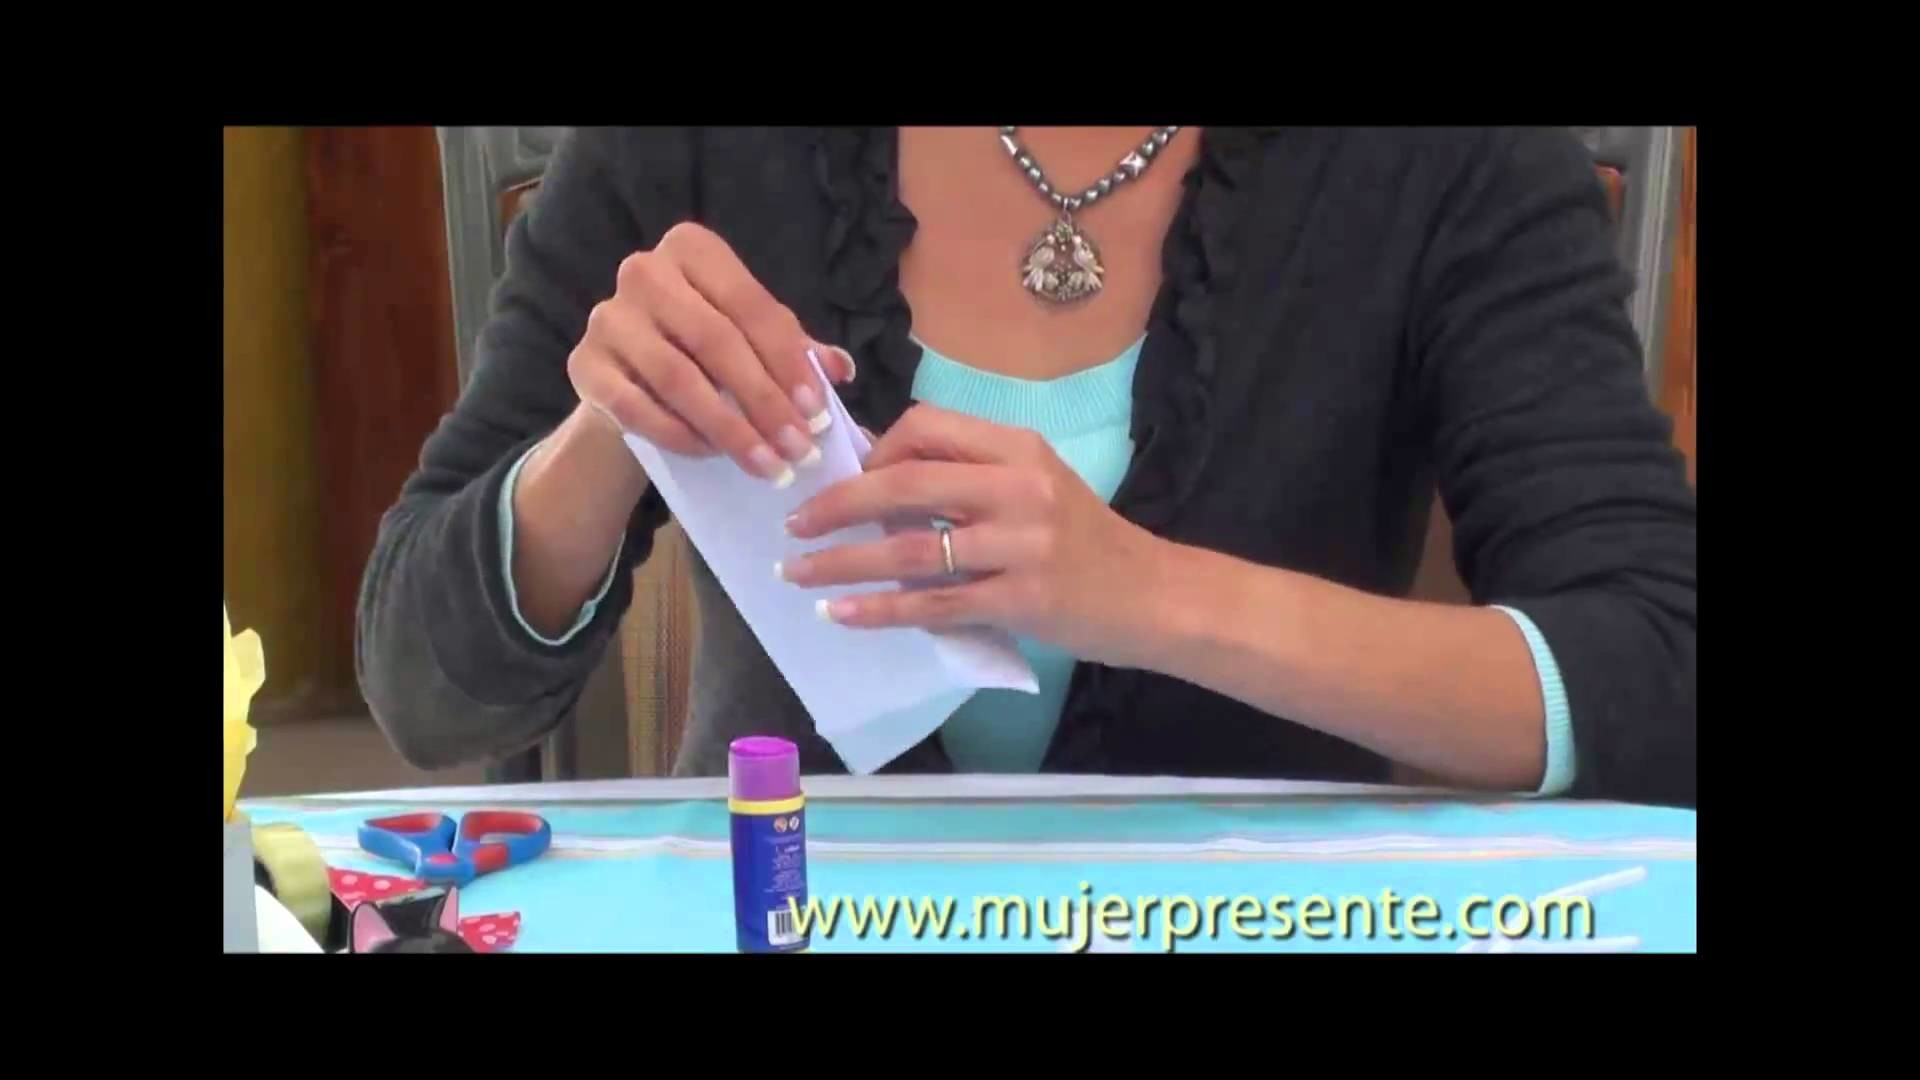 Manualidades con Beatriz Guajardo, Reciclaje de sobres de papel